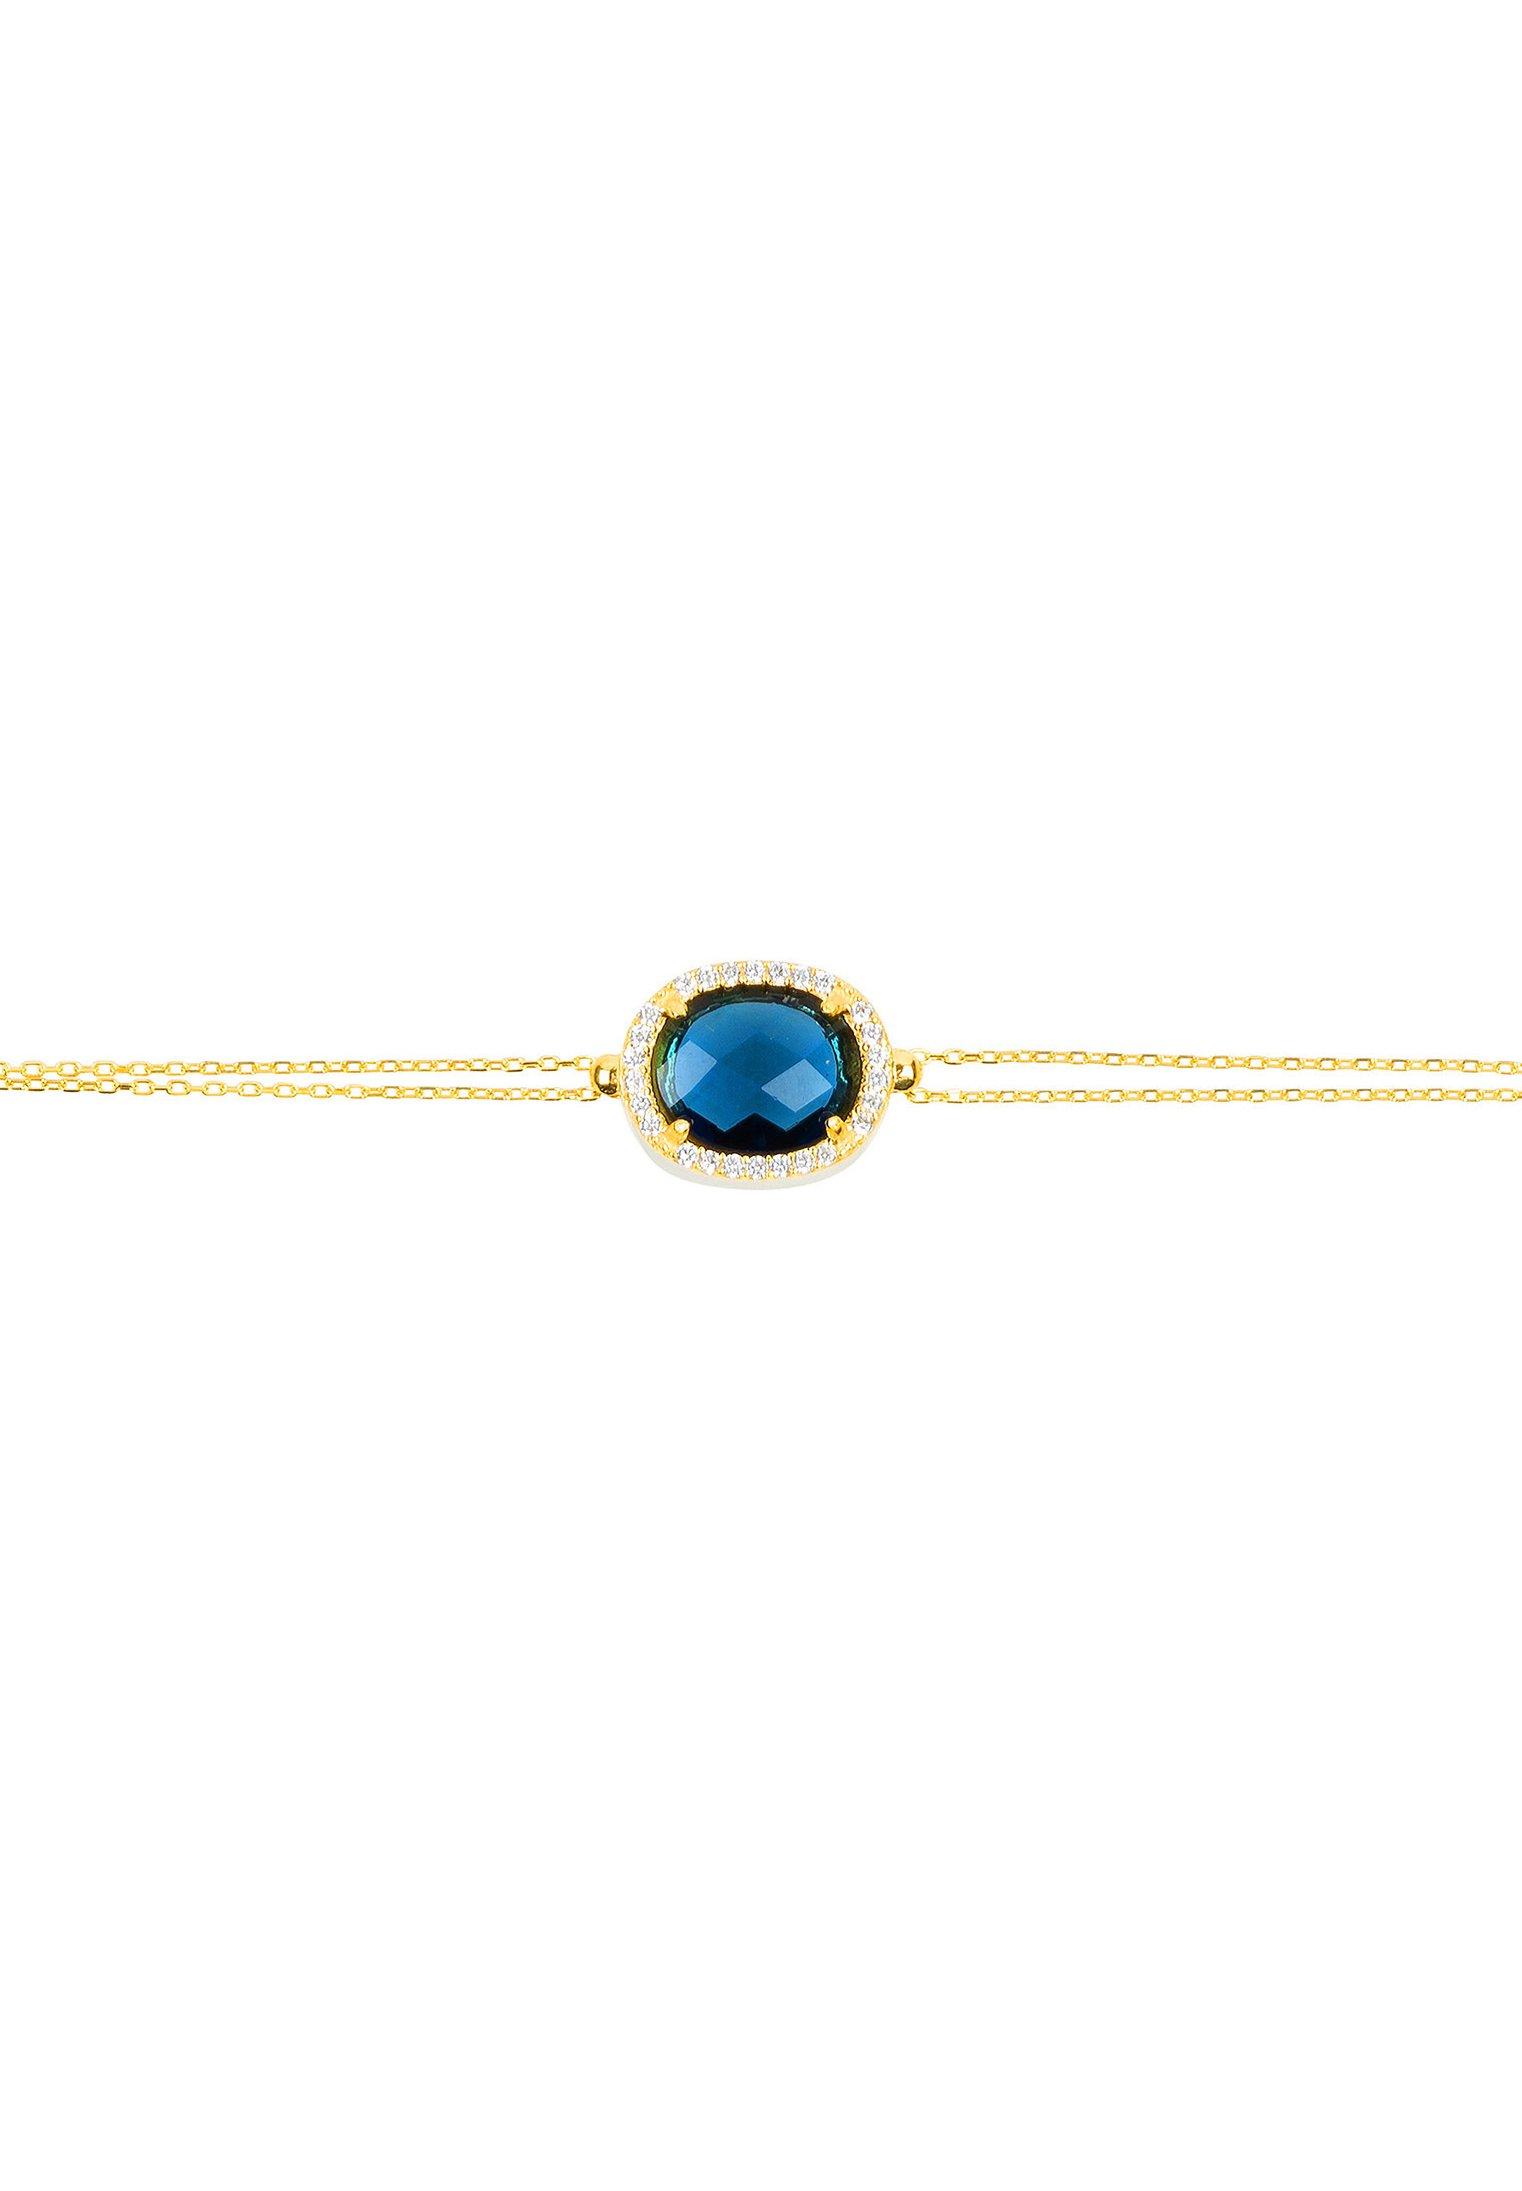 Latelita Armband - Or/blau